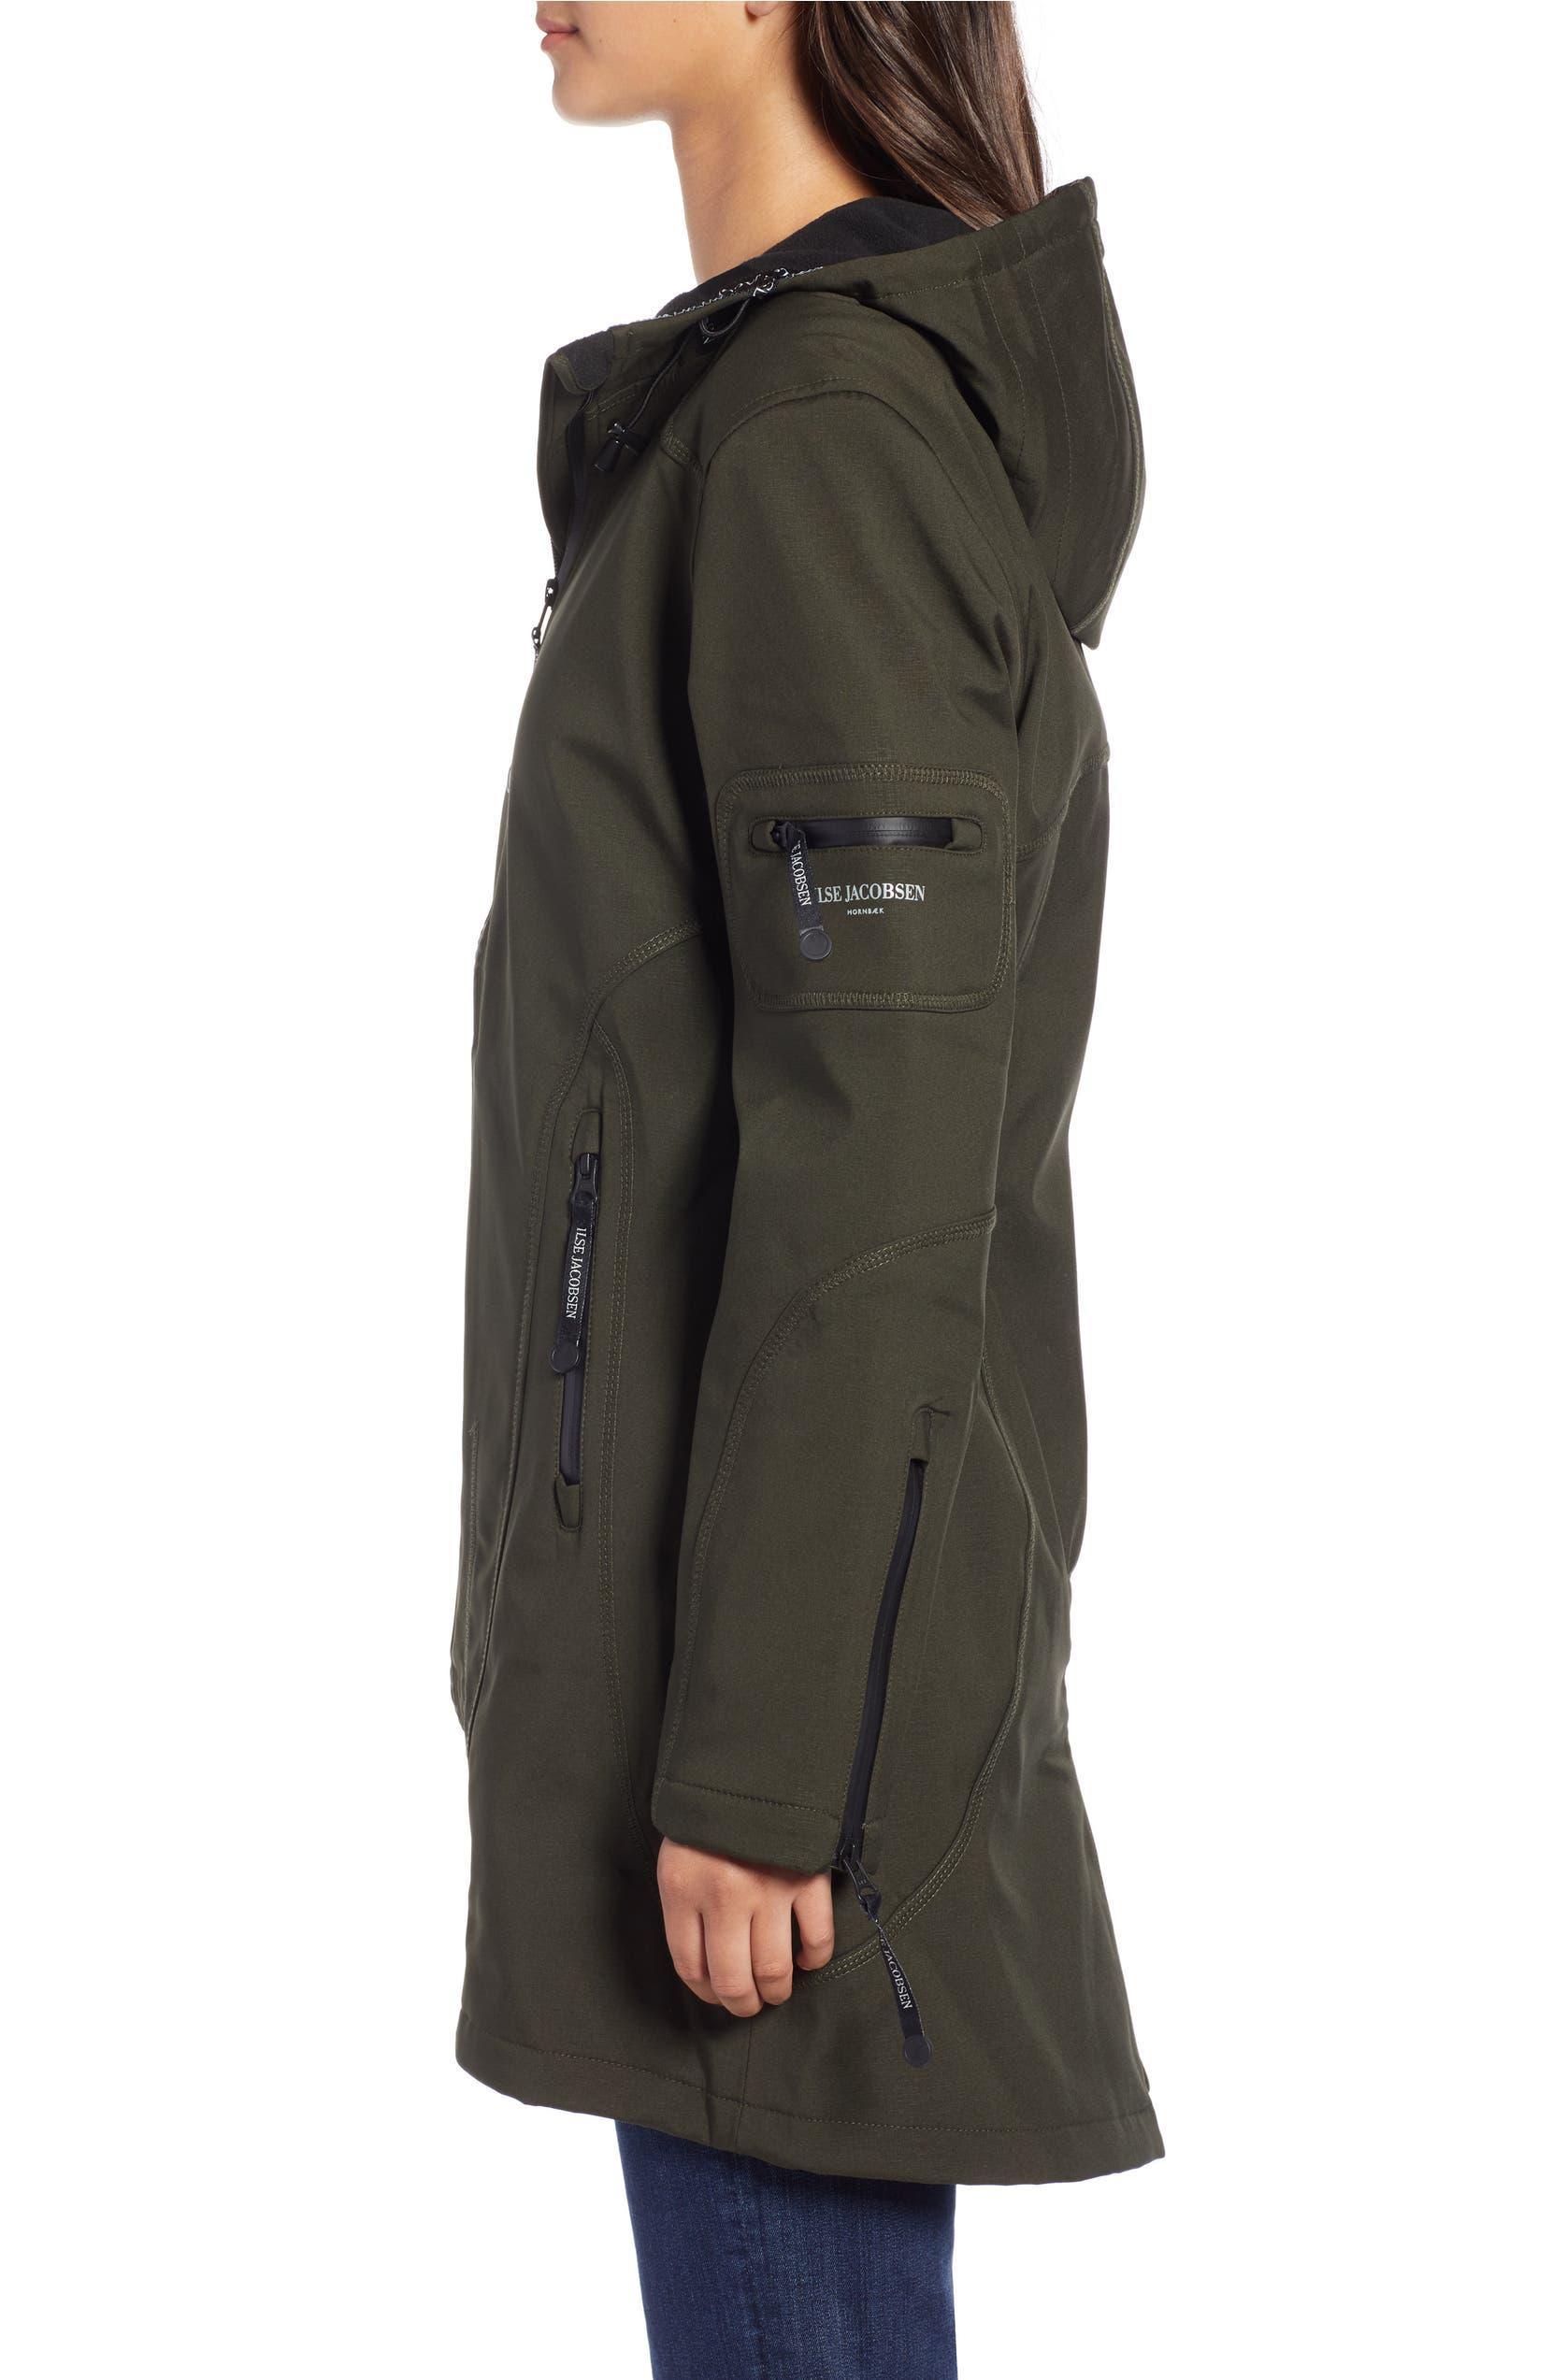 0301f9ef2c4 Ilse Jacobsen Rain 7 Hooded Water Resistant Coat